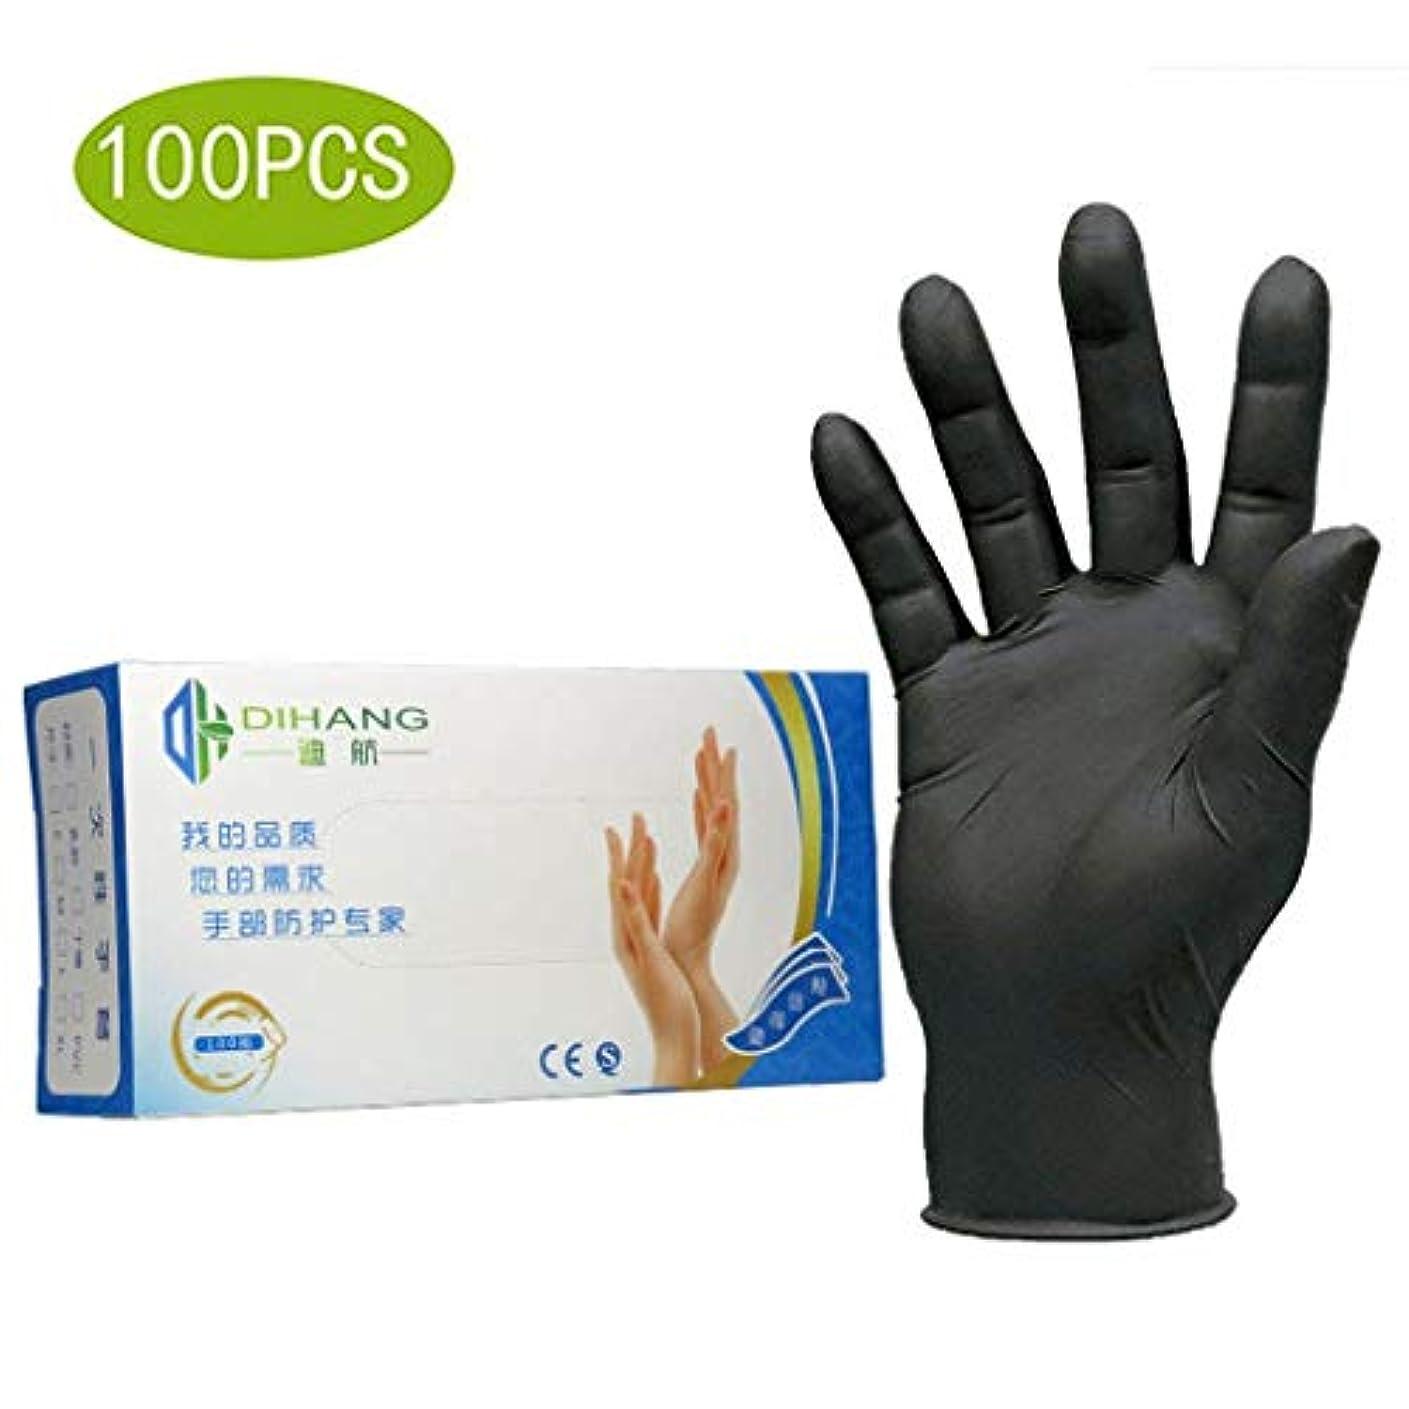 ワイプグラフィックテラス100倍使い捨て手袋耐酸性および耐アルカリ性試験軽量安全フィットニトリル手袋中粉末フリーラテックスフリータトゥー理髪産業加工労働保険 (Size : M)